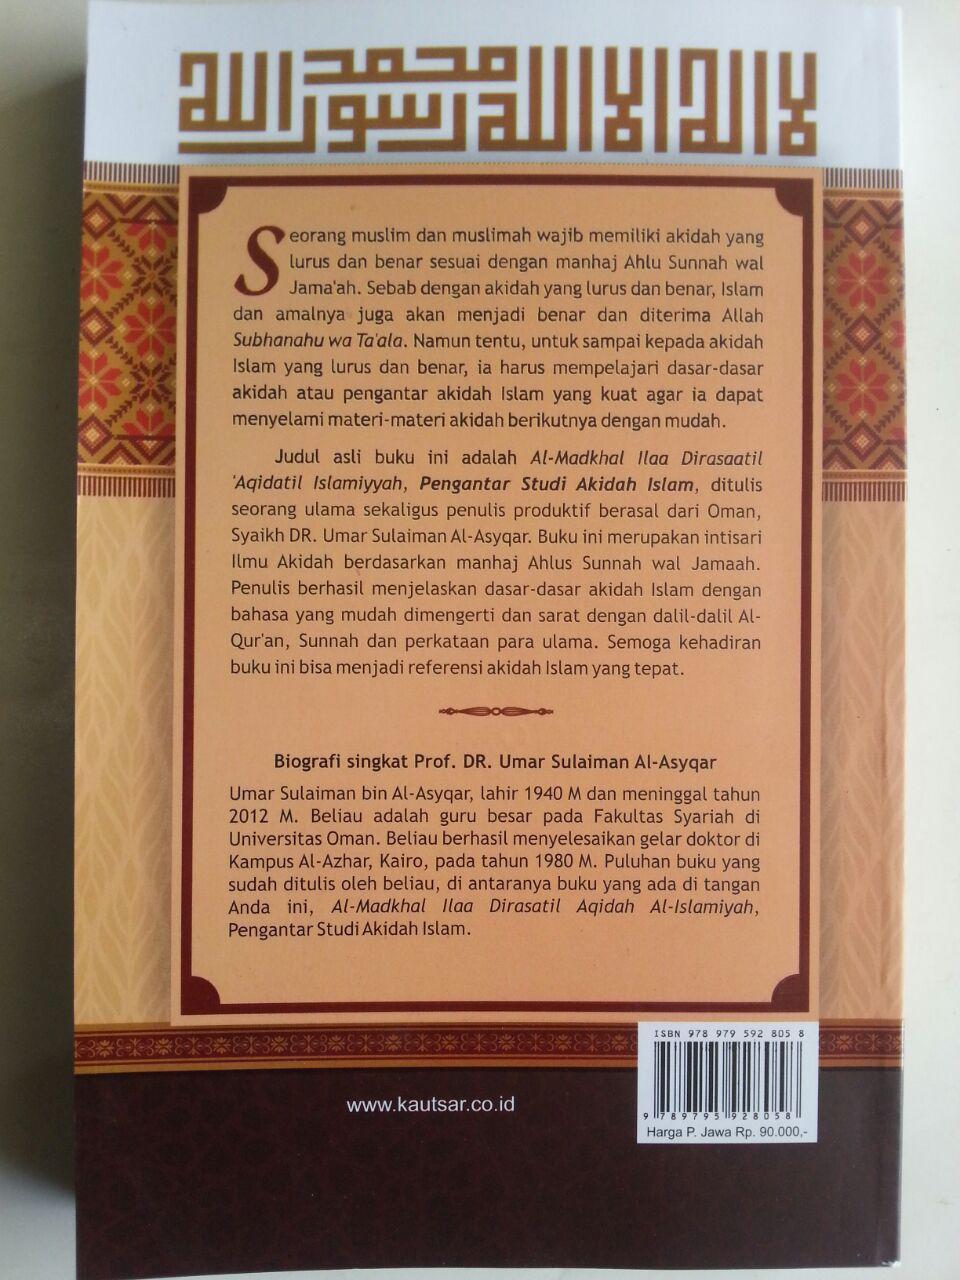 Buku Pengantar Studi Akidah Islam cover